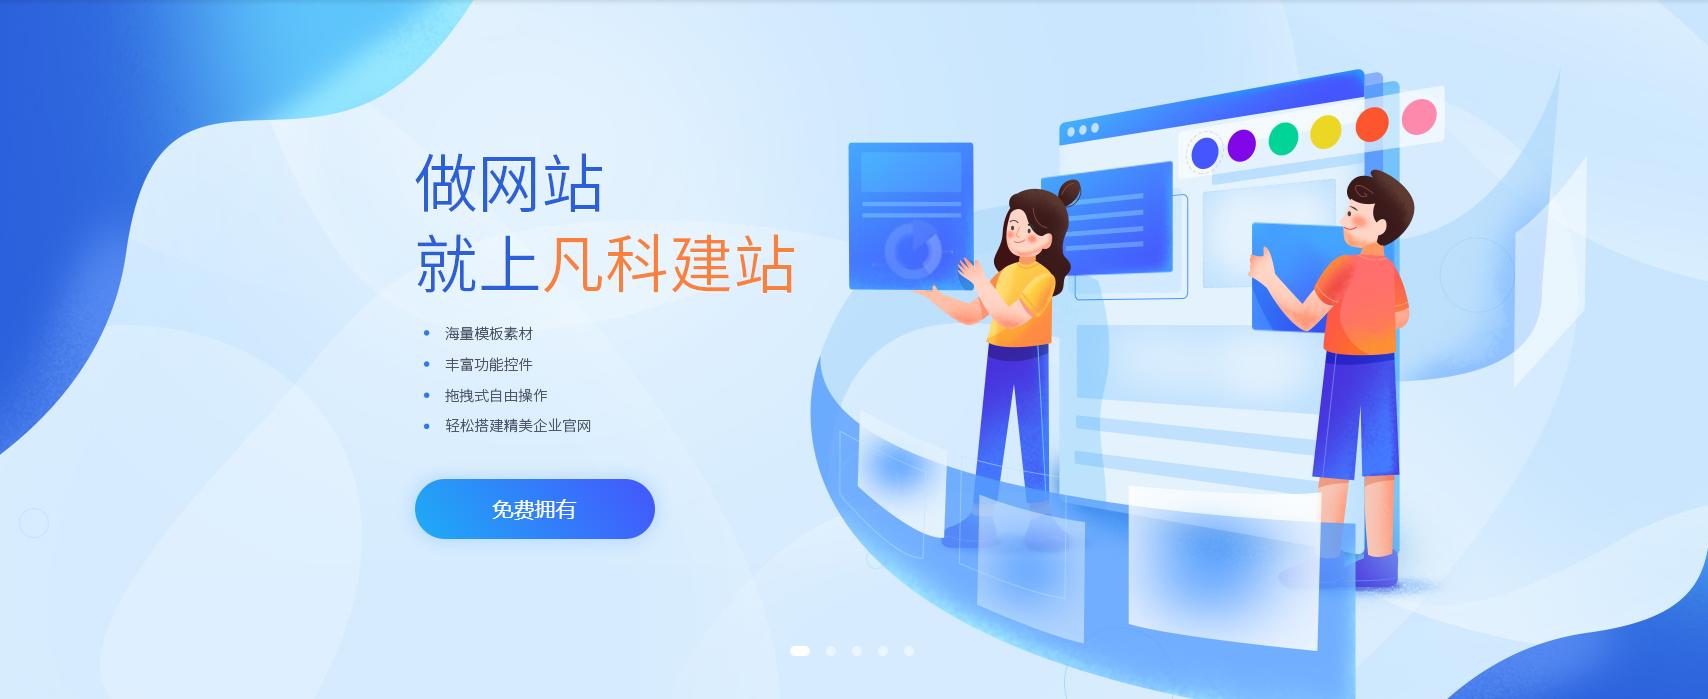 浅析网站对用户体验的个性设计